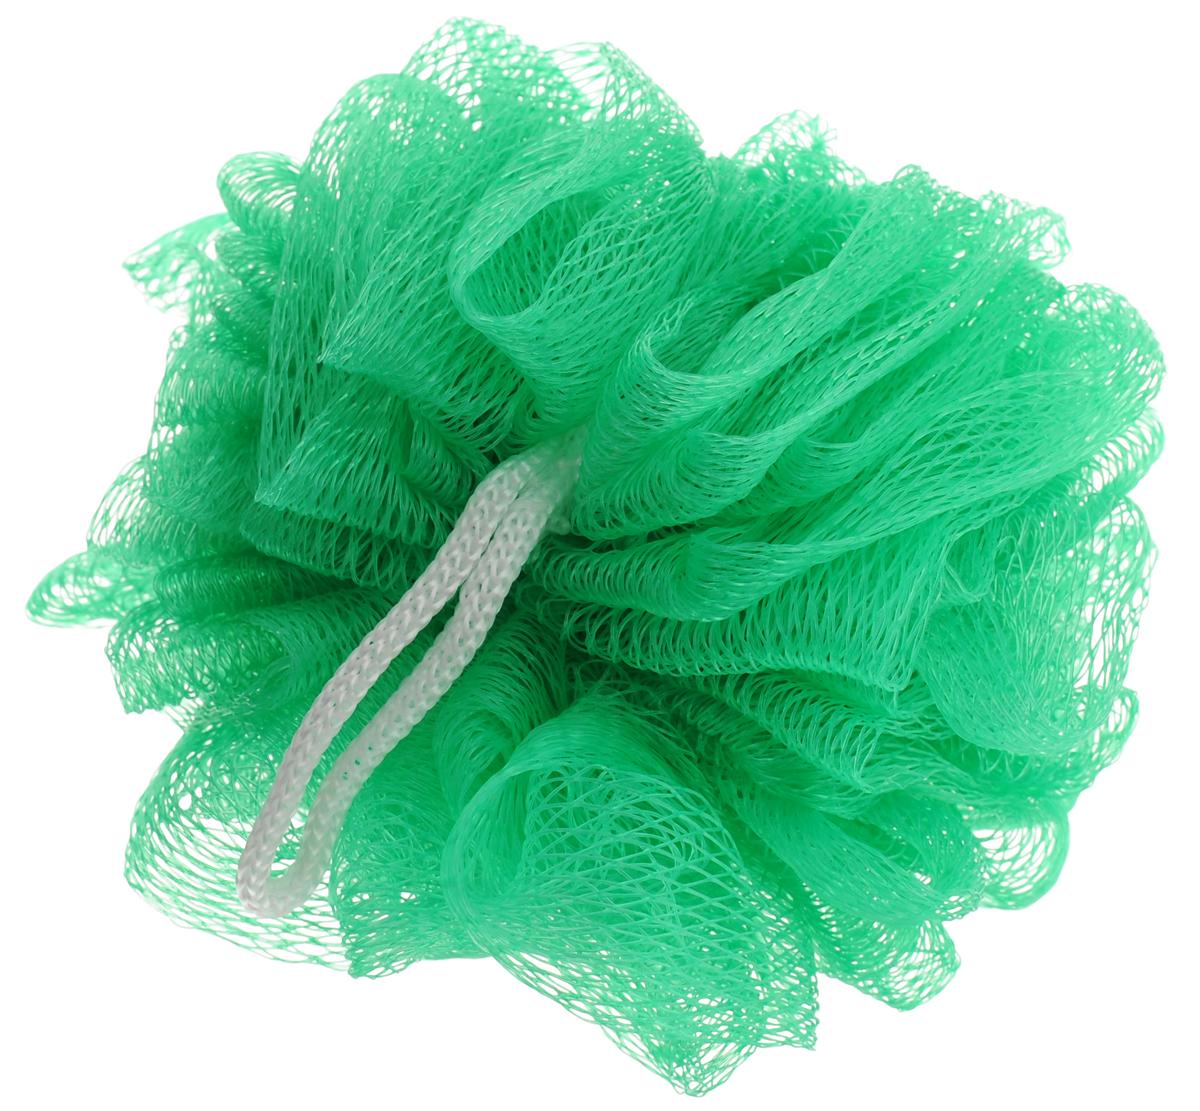 Мочалка Eva Бантик, цвет: зеленый, диаметр 9 смМС41_зеленыйМочалка Eva Бантик, выполненная из нейлона, предназначена для мягкого очищения кожи. Она станет незаменимым аксессуаром ванной комнаты. Мочалка отлично пенится, обладает легким массажным воздействием, идеально подходит для нежной и чувствительной кожи. На мочалке имеется удобная петля для подвешивания. Диаметр: 9 см.